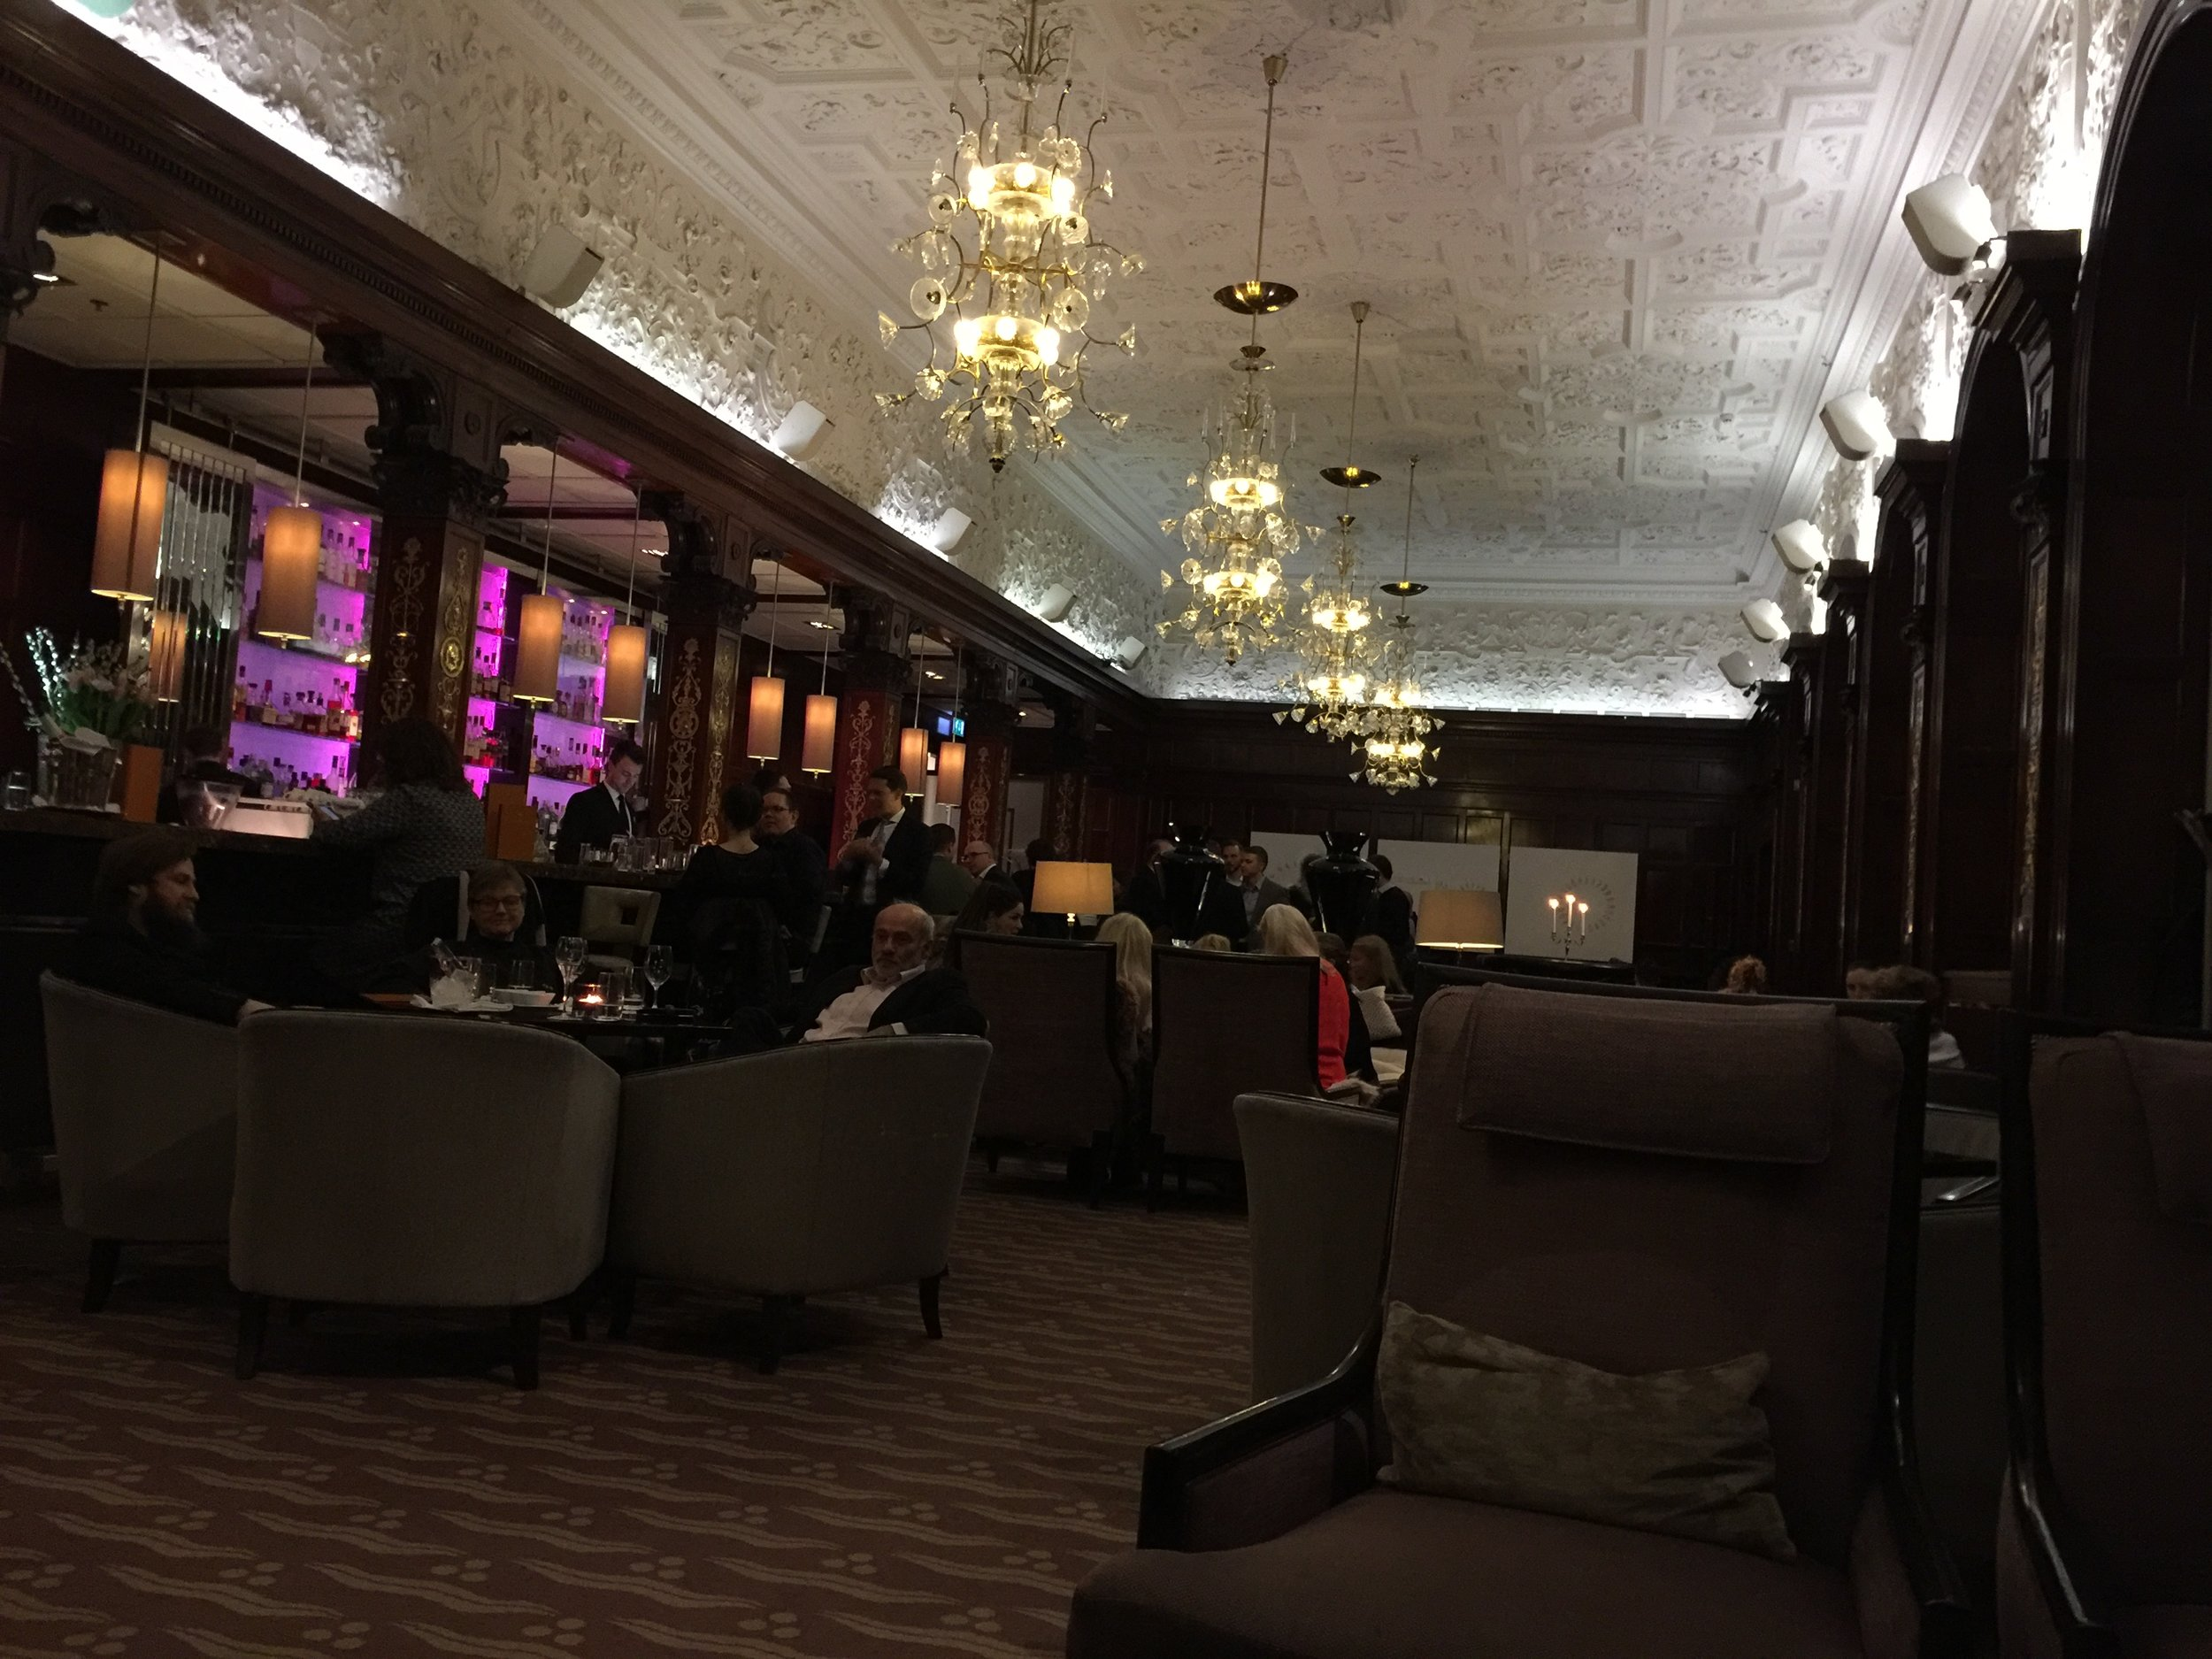 Cadierbaren, Grand Hotel